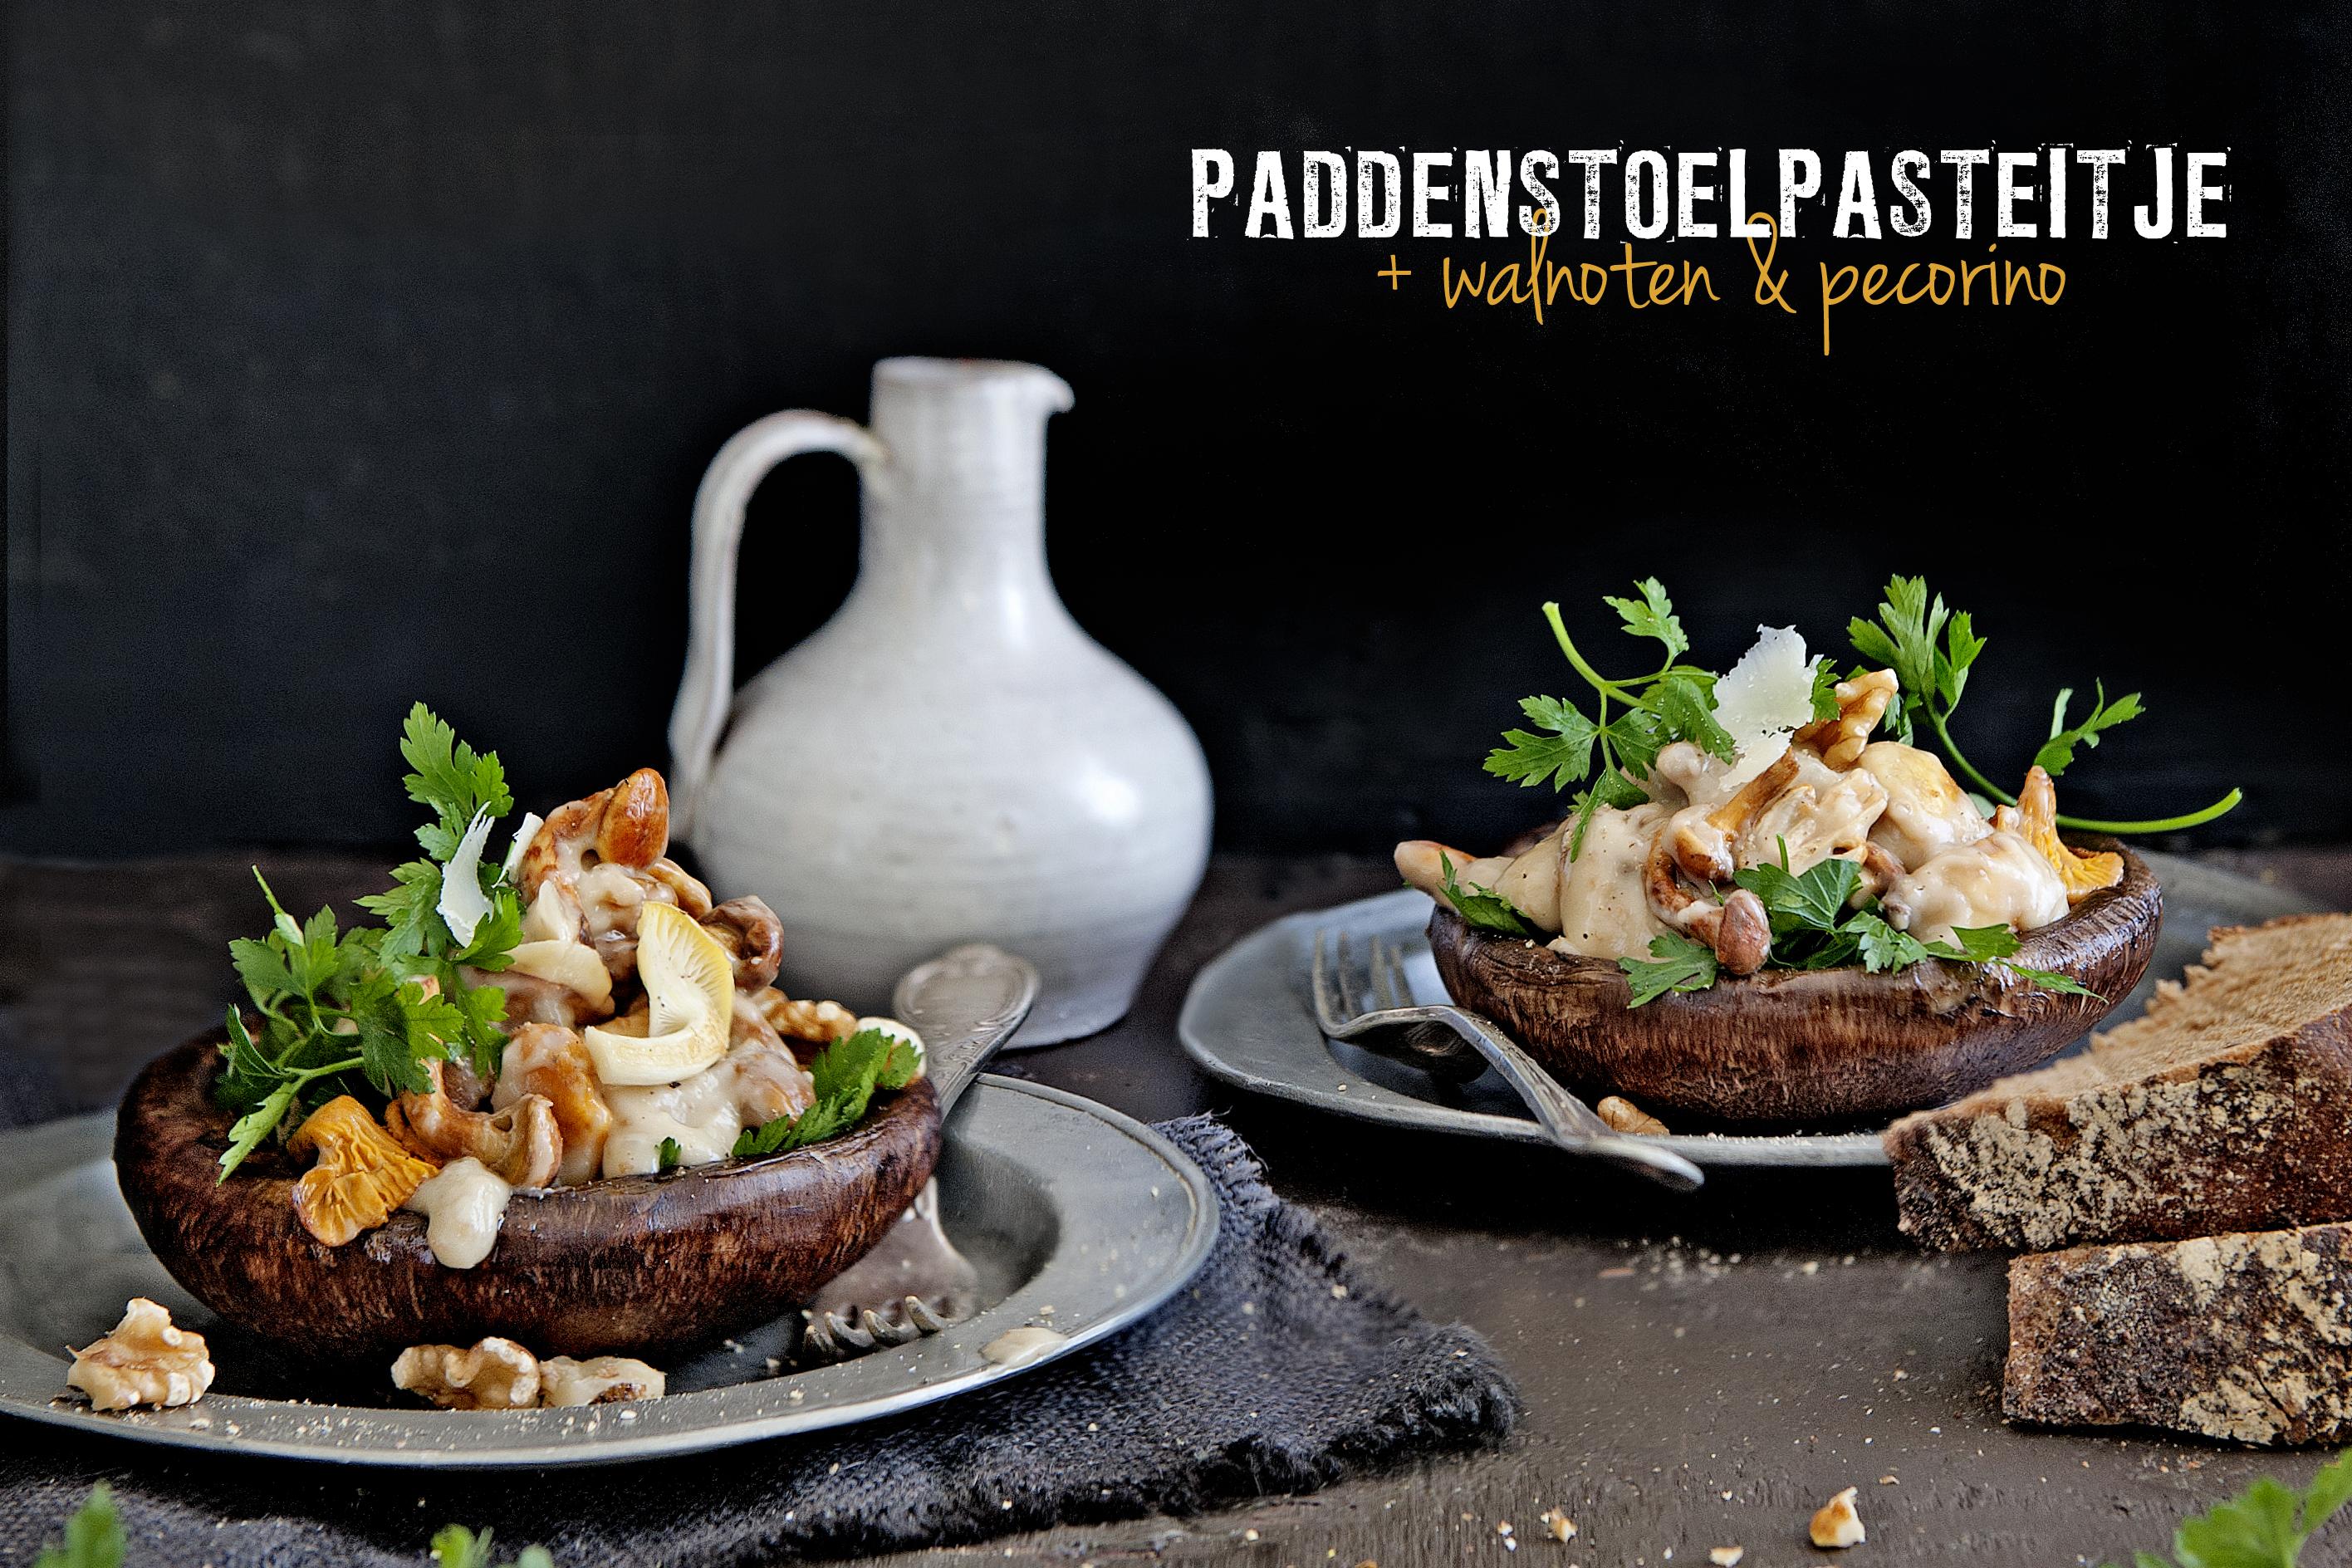 portobellopasteitje met ragout van paddenstoelen